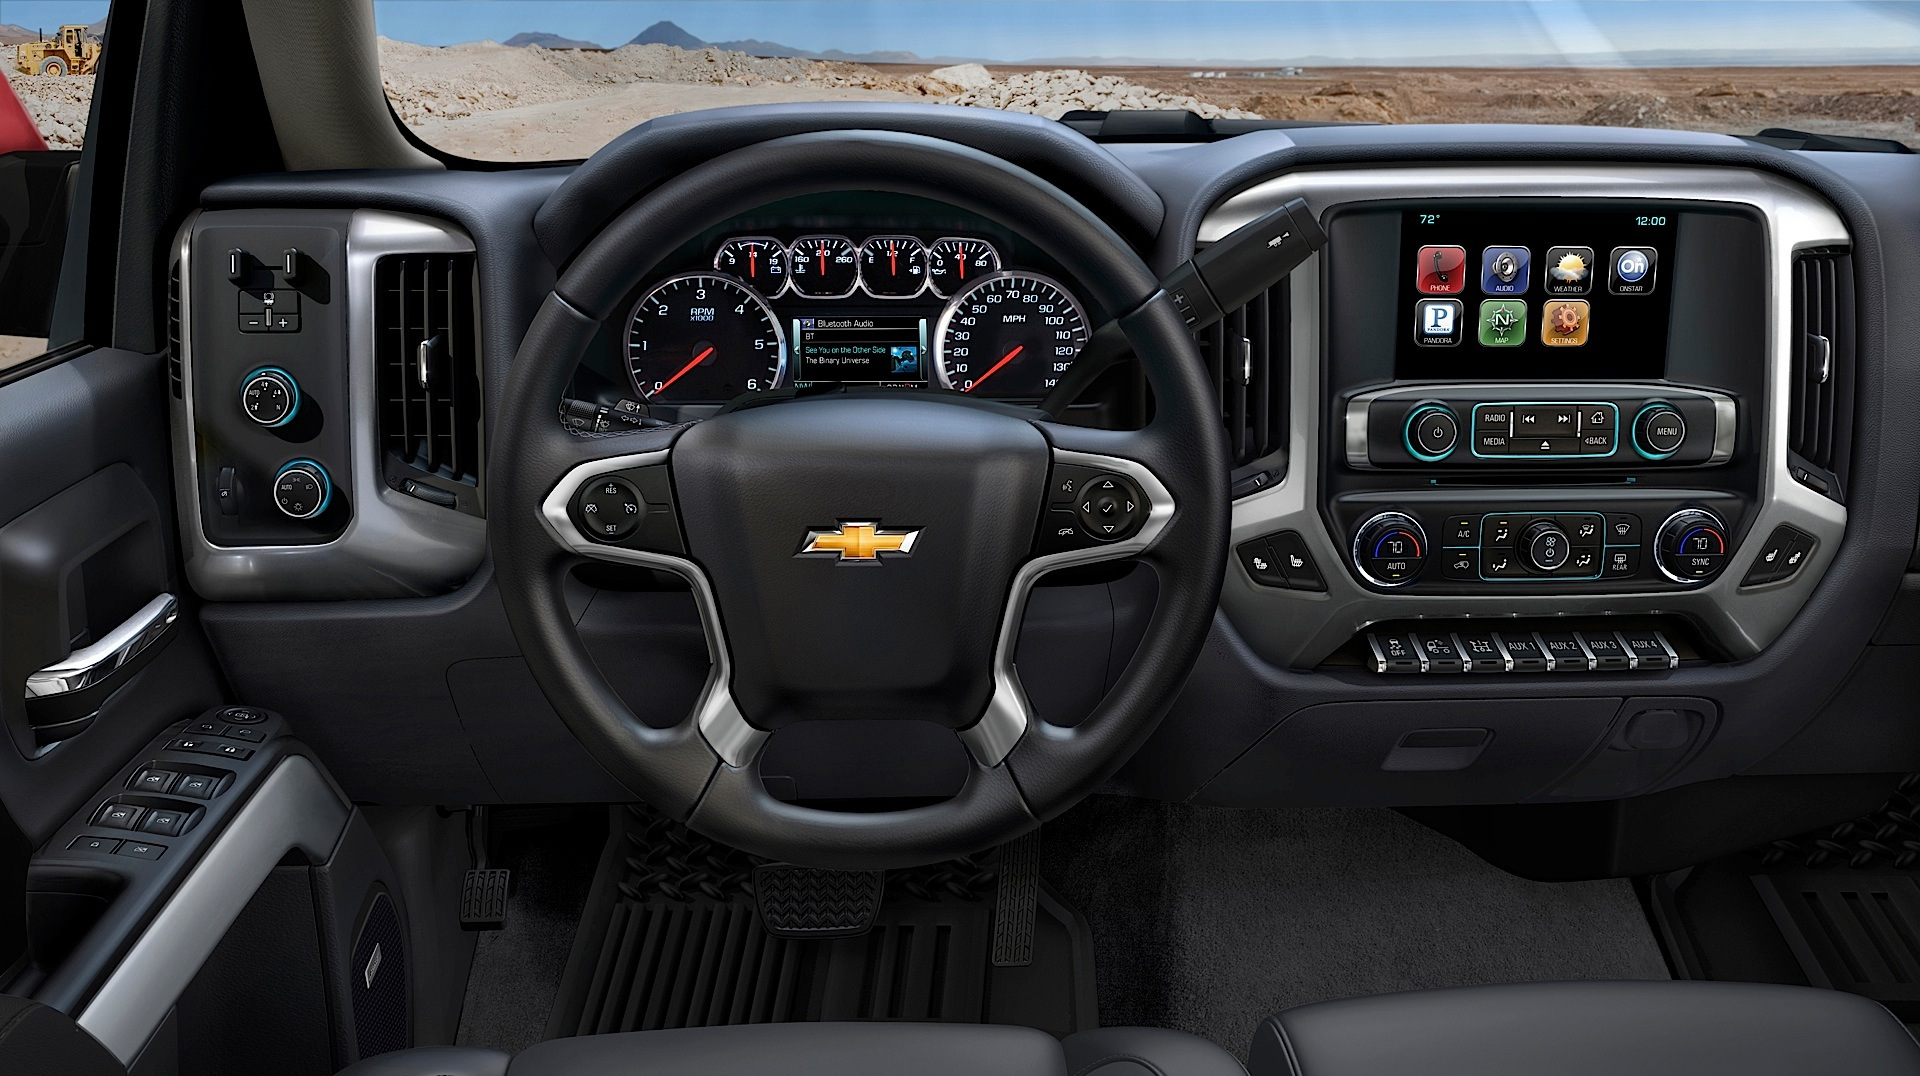 2014 Chevy Silverado Single Cab